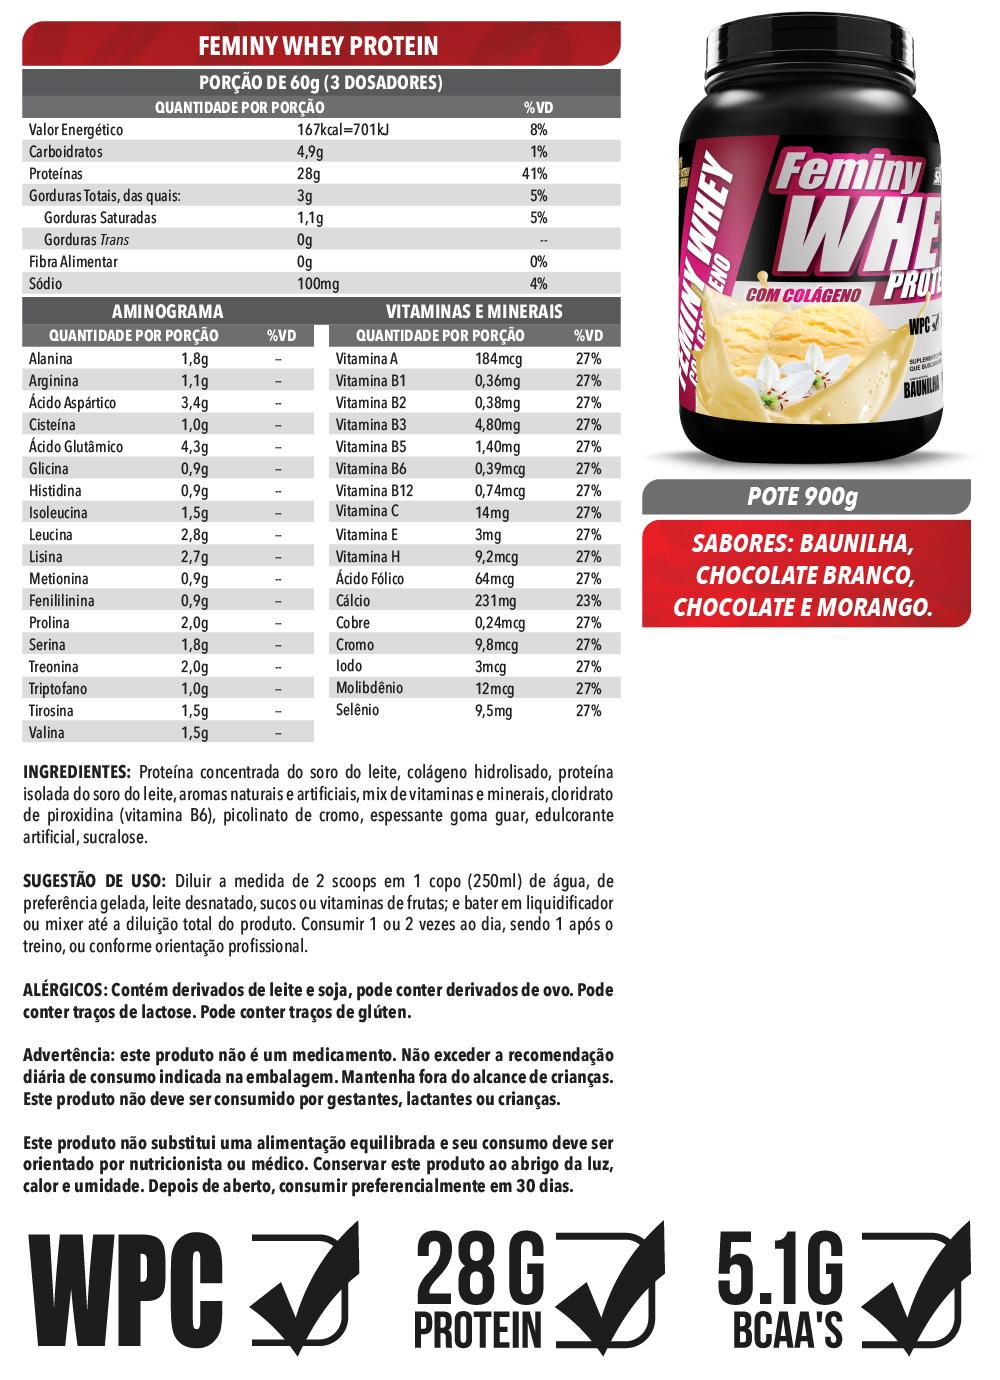 Feminy Whey Protein 900g - Morango